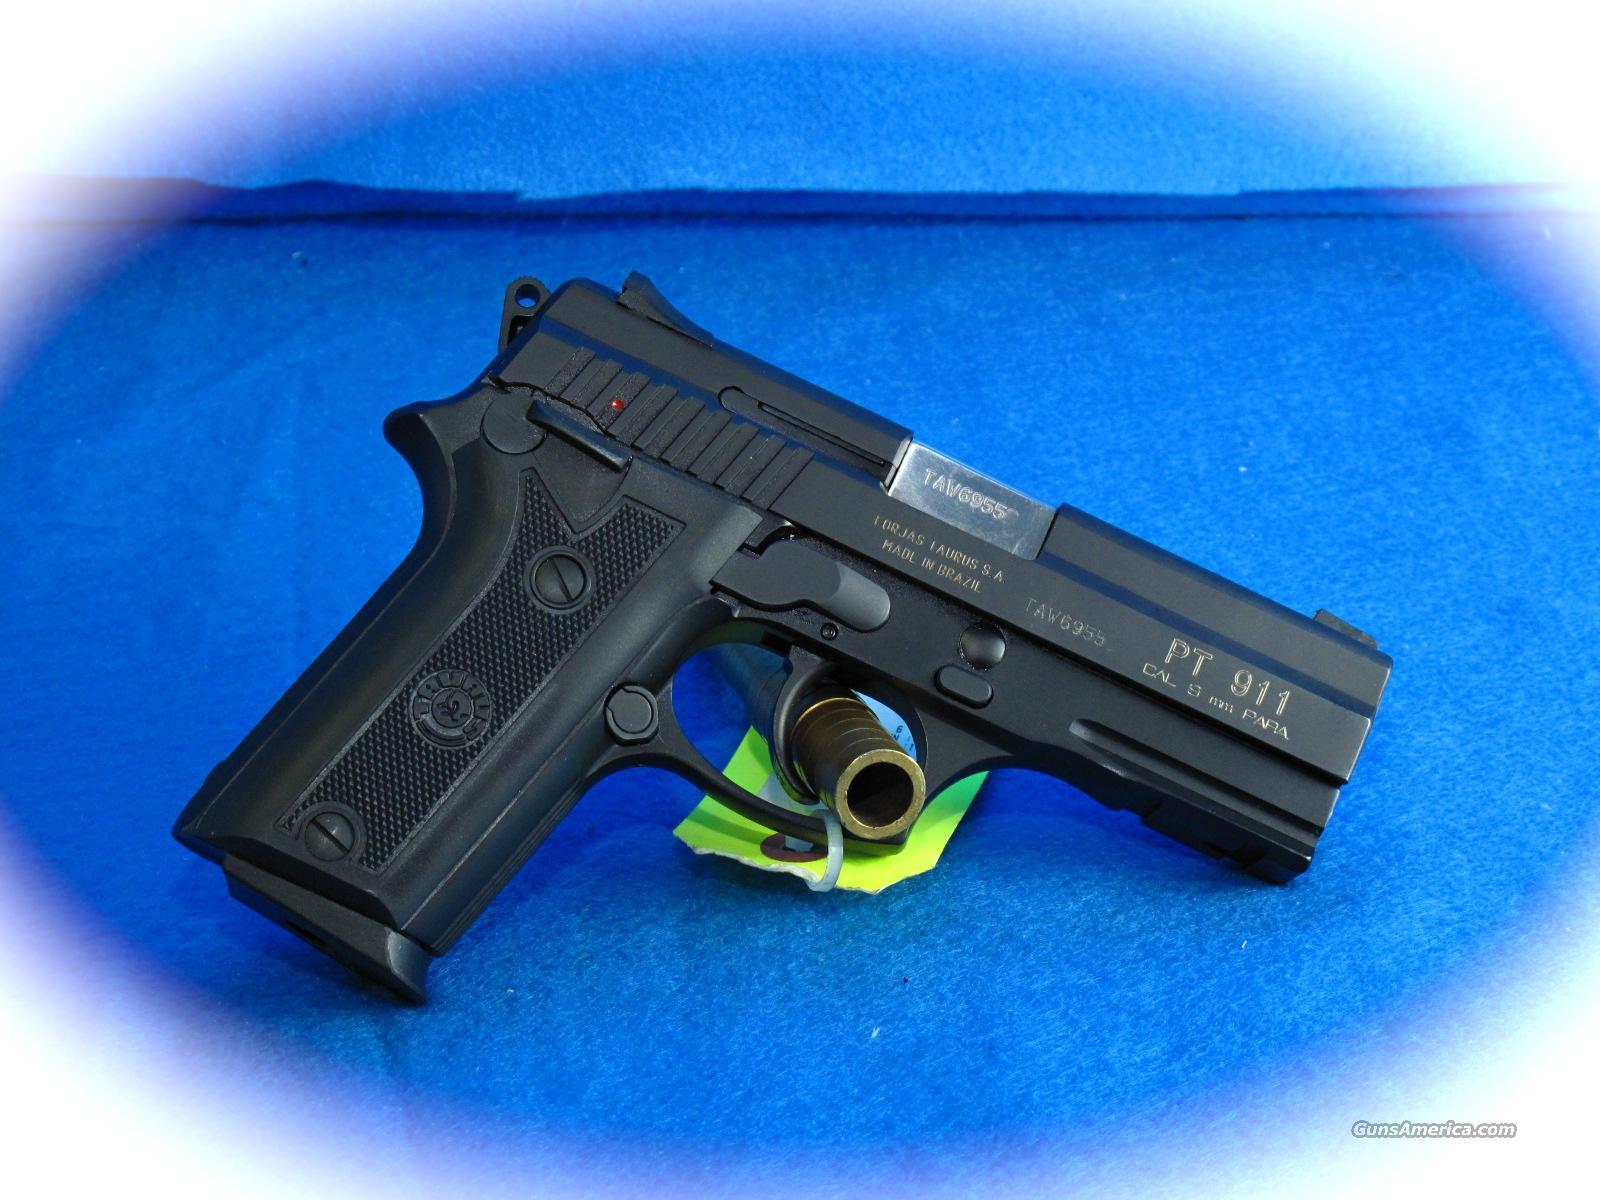 Taurus Pt 911 9mm Hi Cap Semi Auto Pistol For Sale